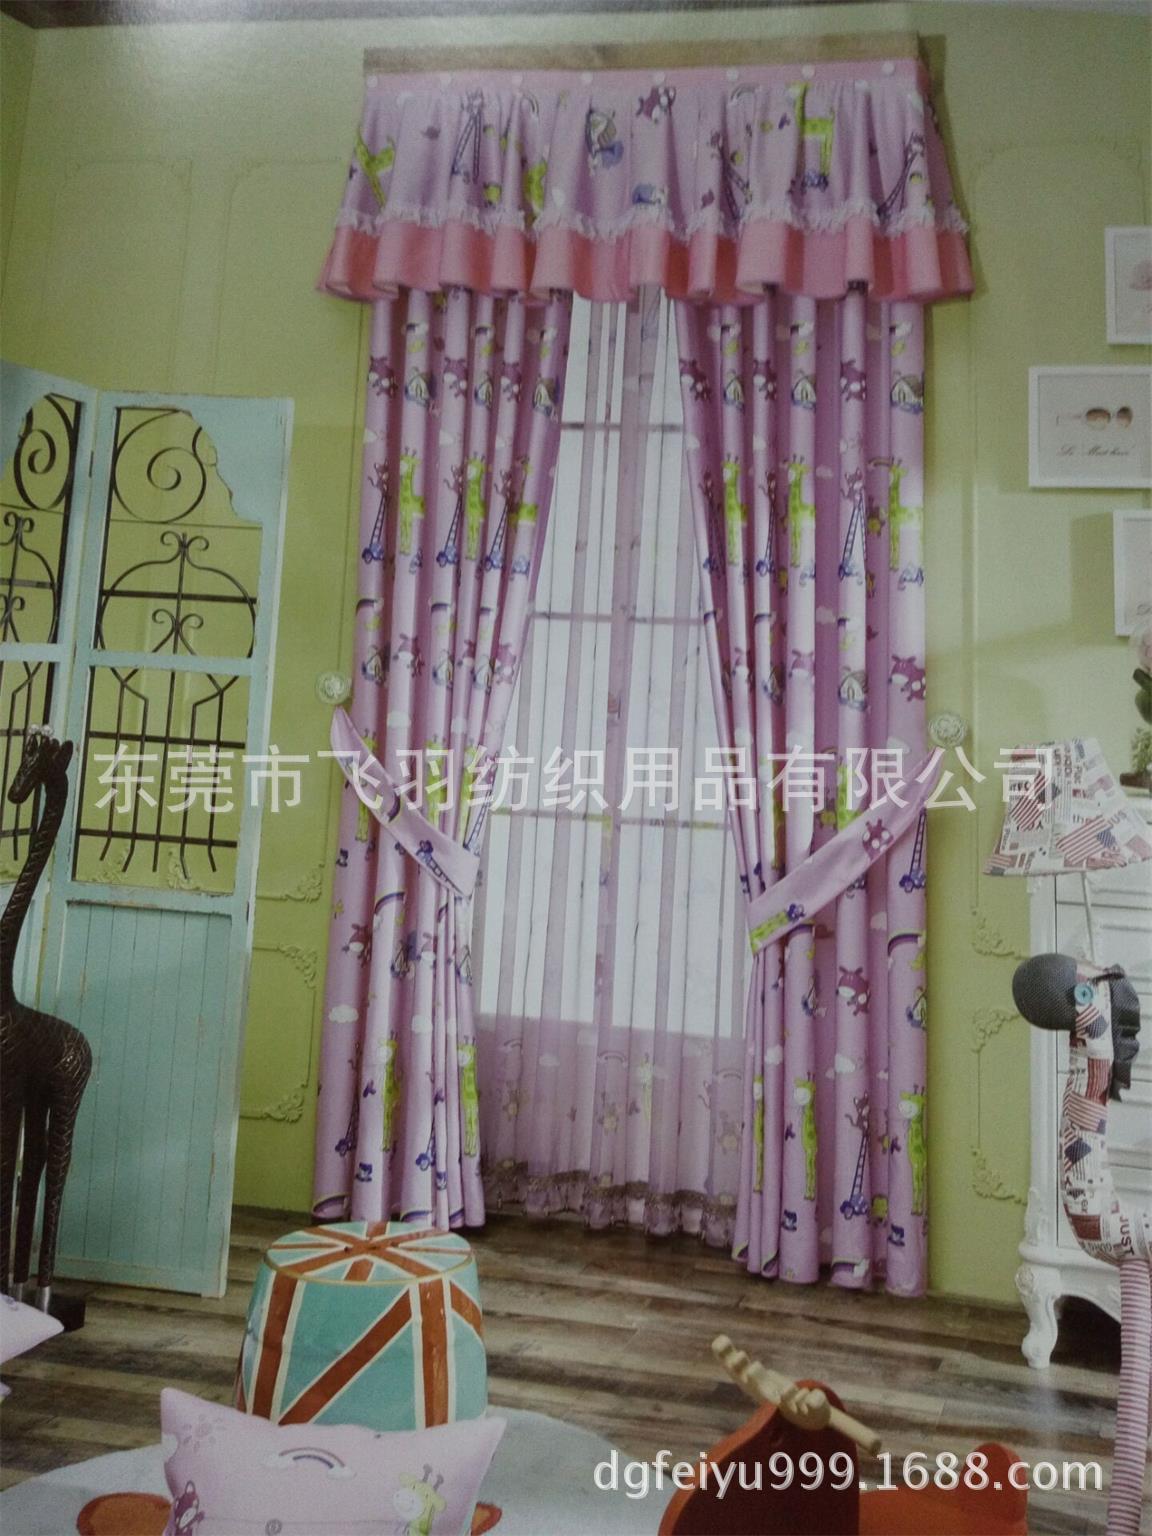 韩式风格北美风情儿童房窗帘价格–中国网库